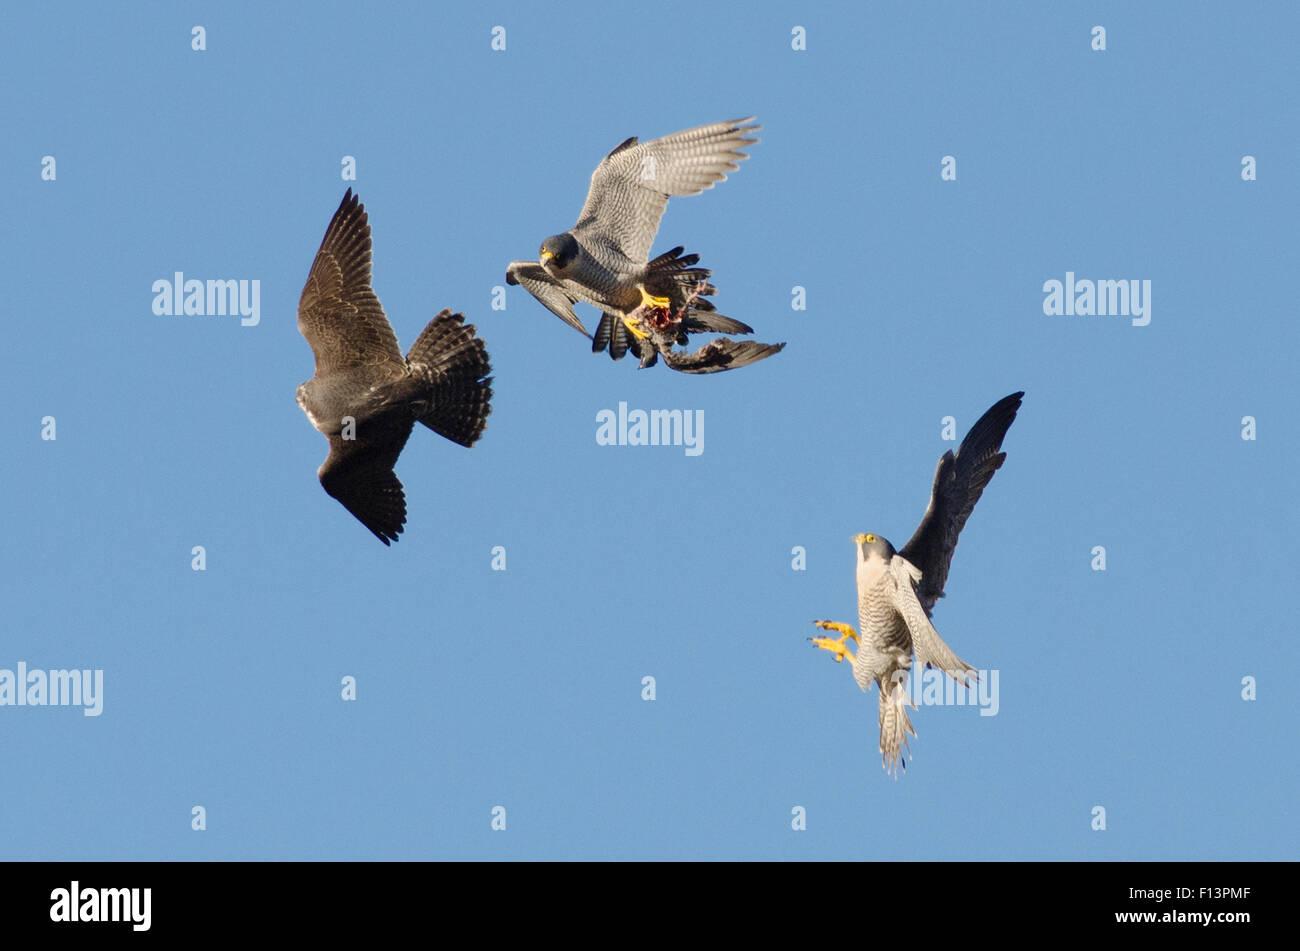 Macho adulto de halcón peregrino (Falco peregrinus) en vuelo con presas, perseguido por los menores varones y hembras adultas. Bristol, Reino Unido. De diciembre. Foto de stock